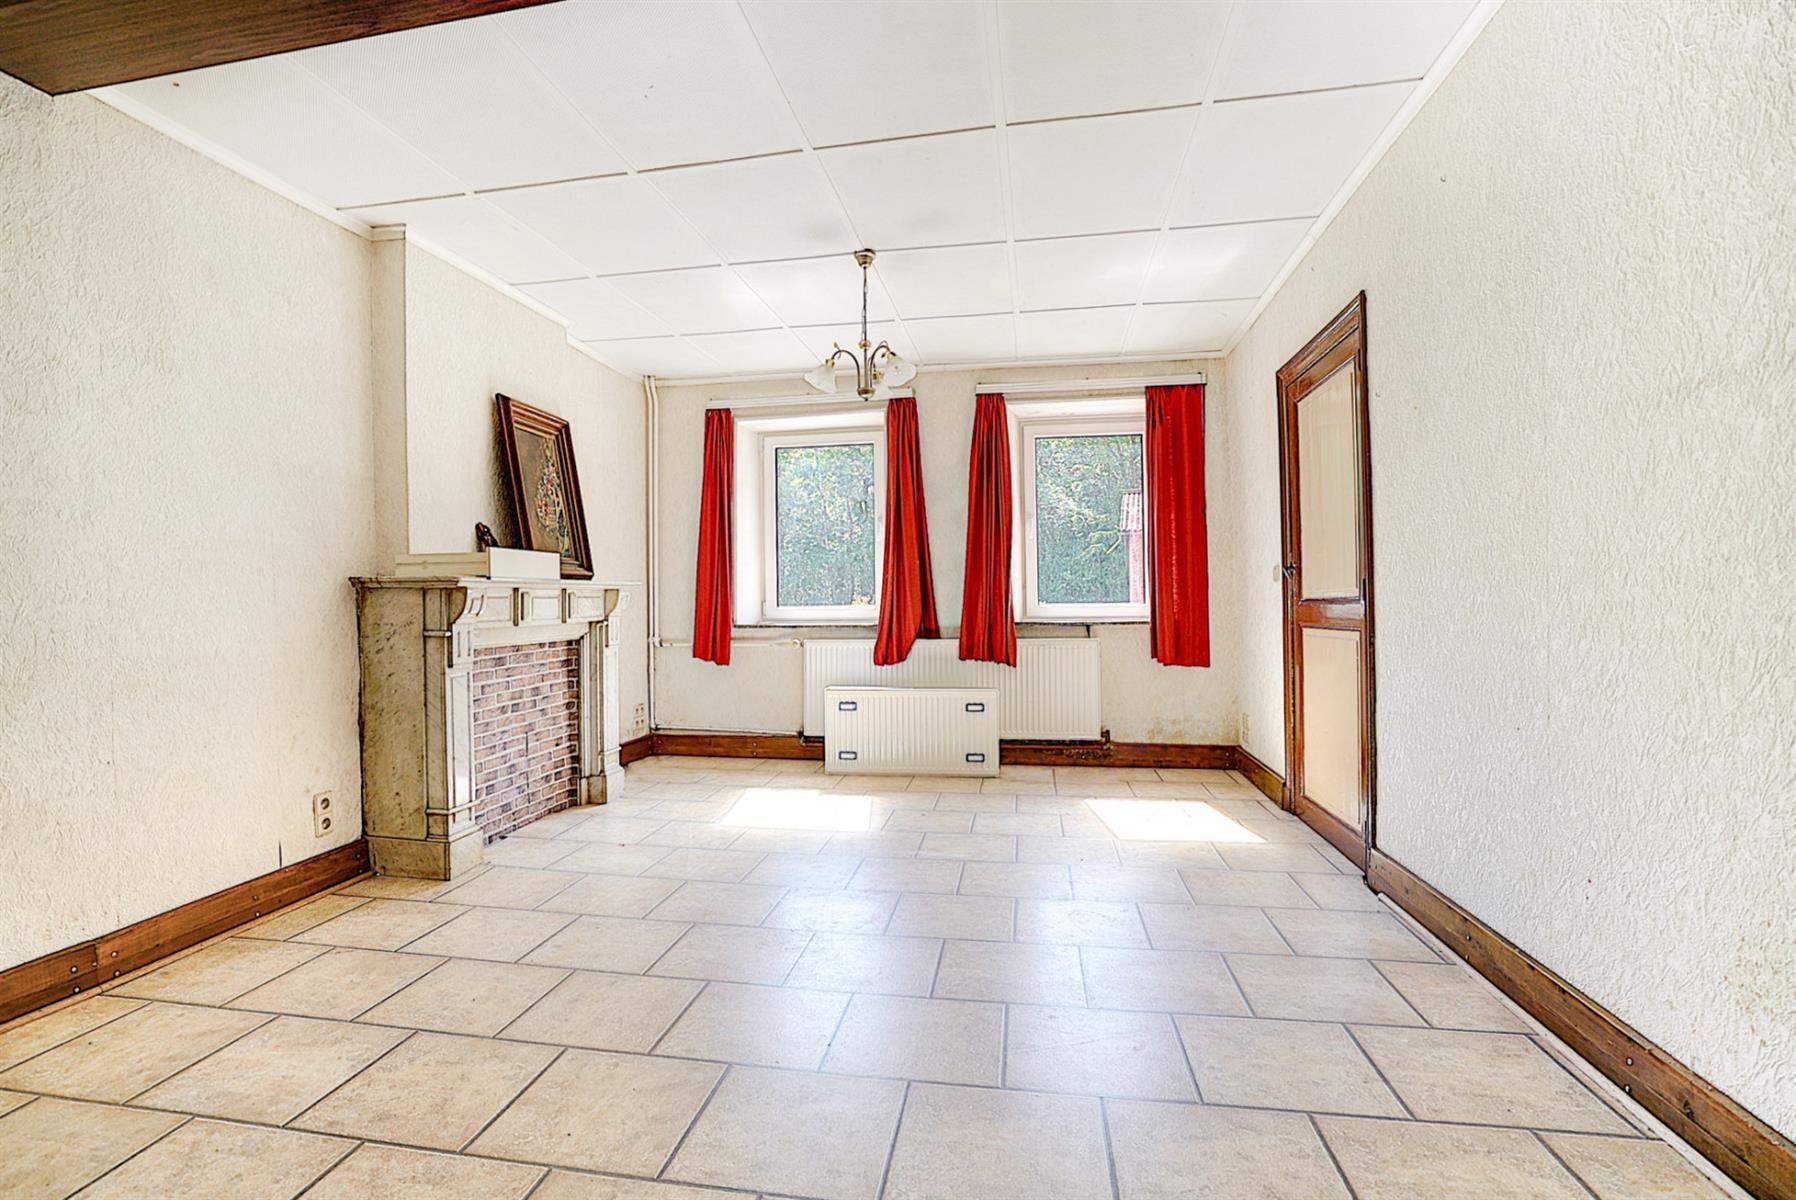 Maison - Chaumont-Gistoux - #3849419-5